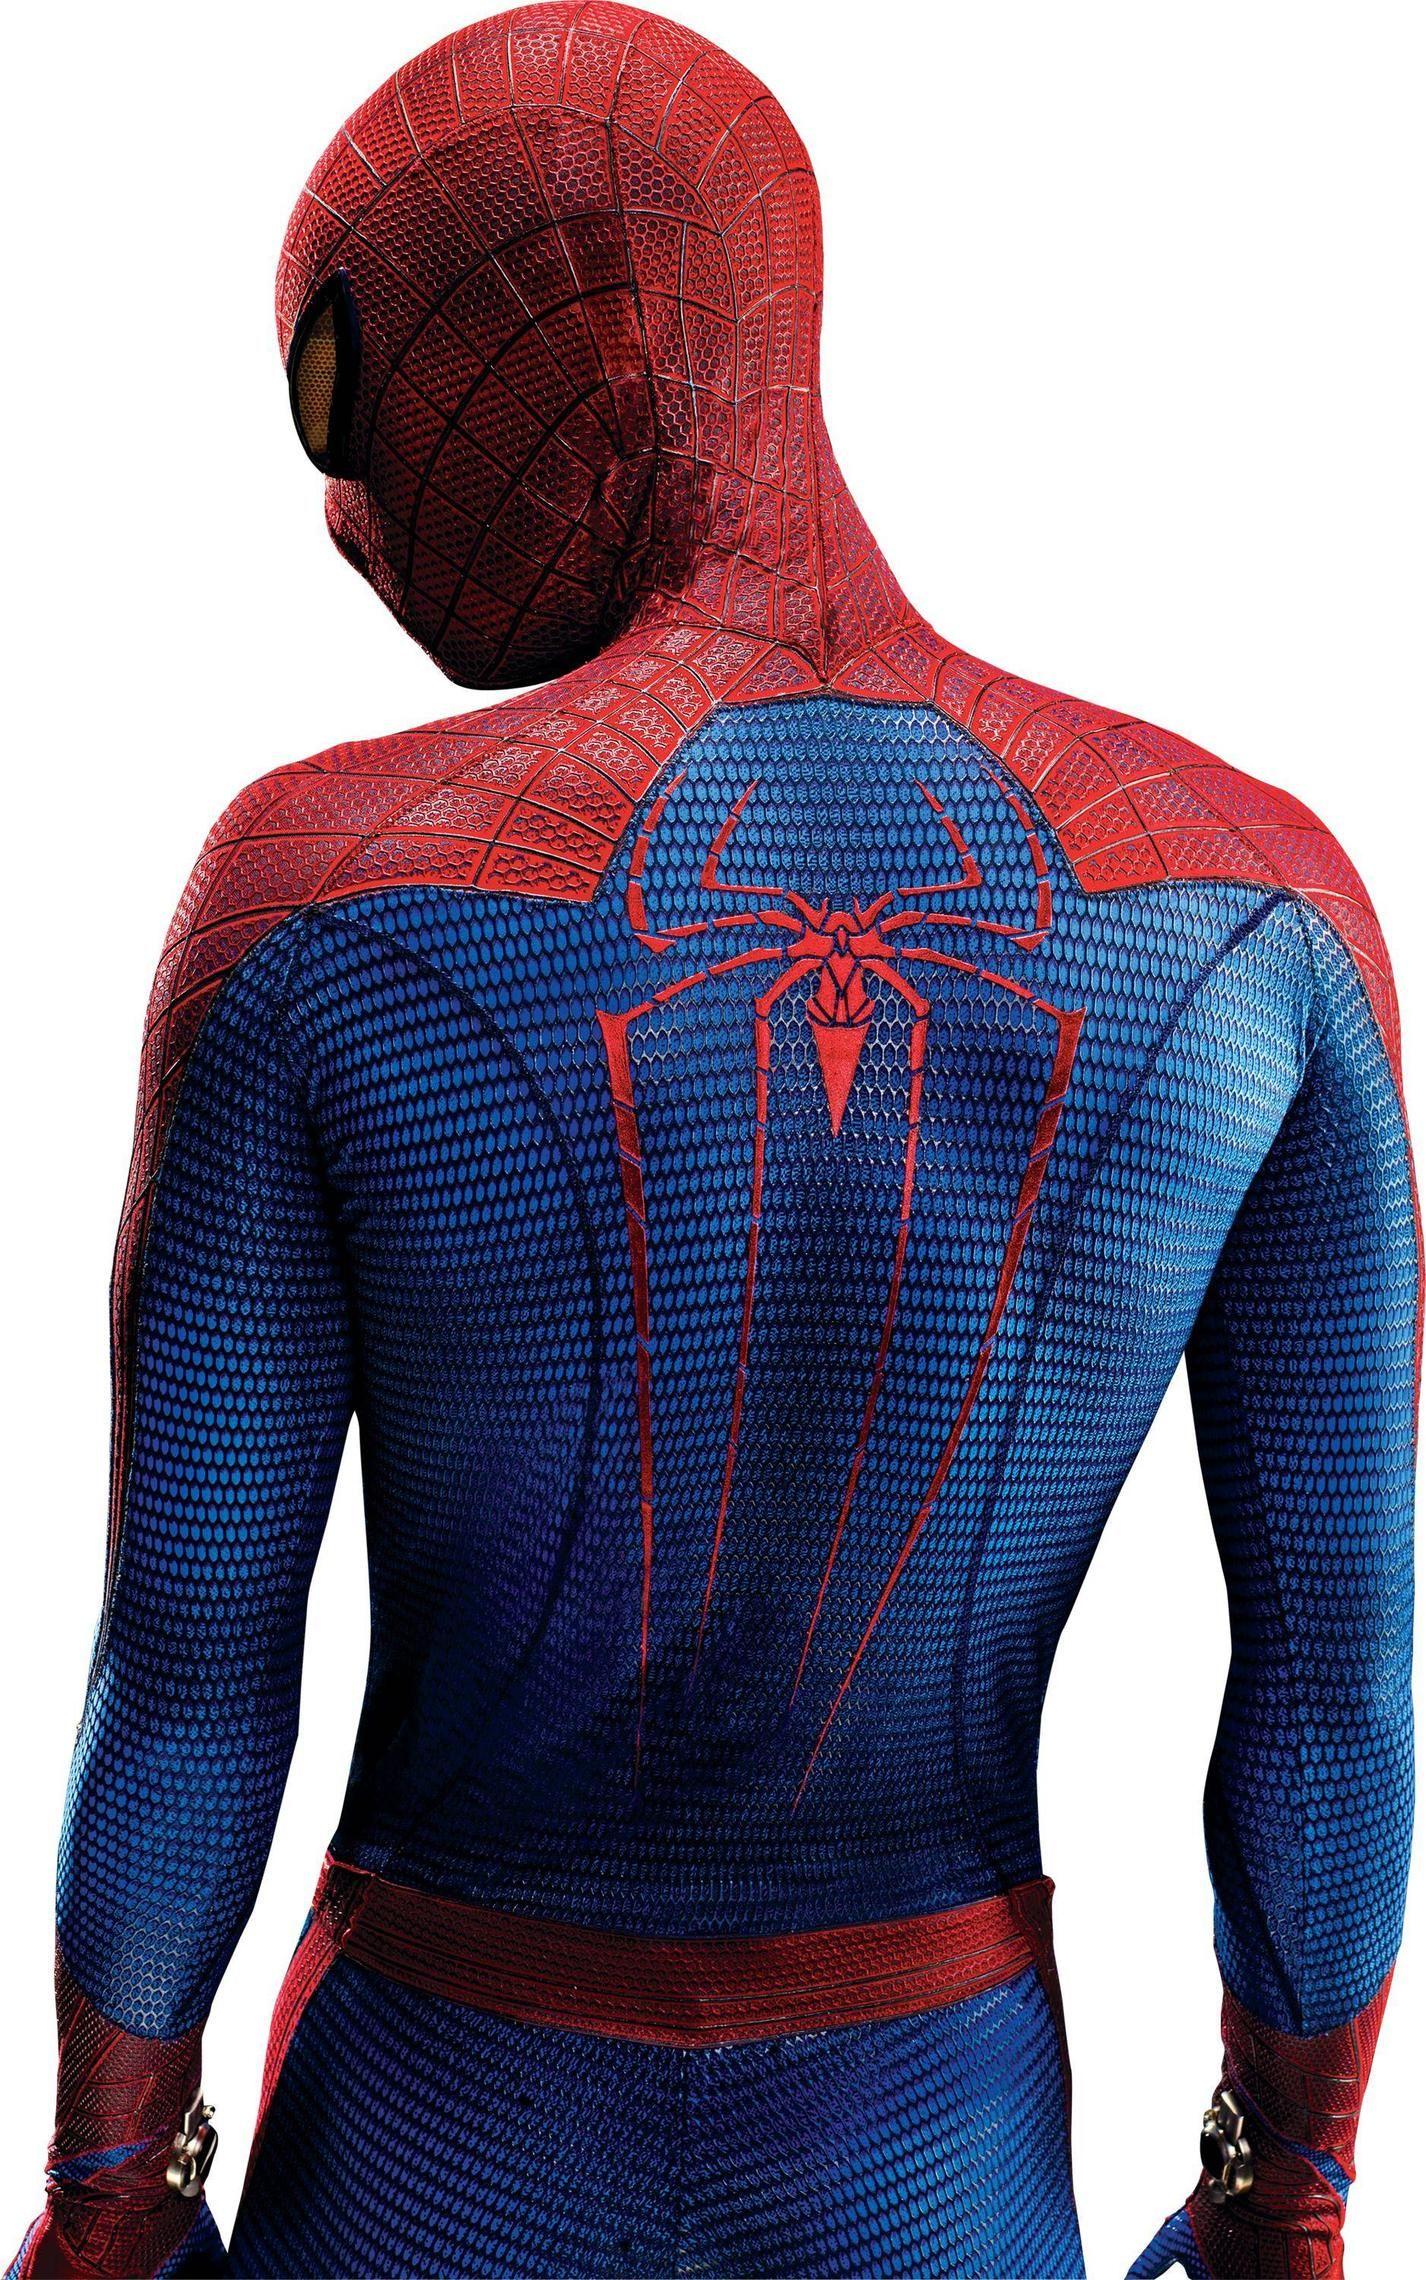 Melhores do Mundo - Homem-Aranha SK8 tem novidades